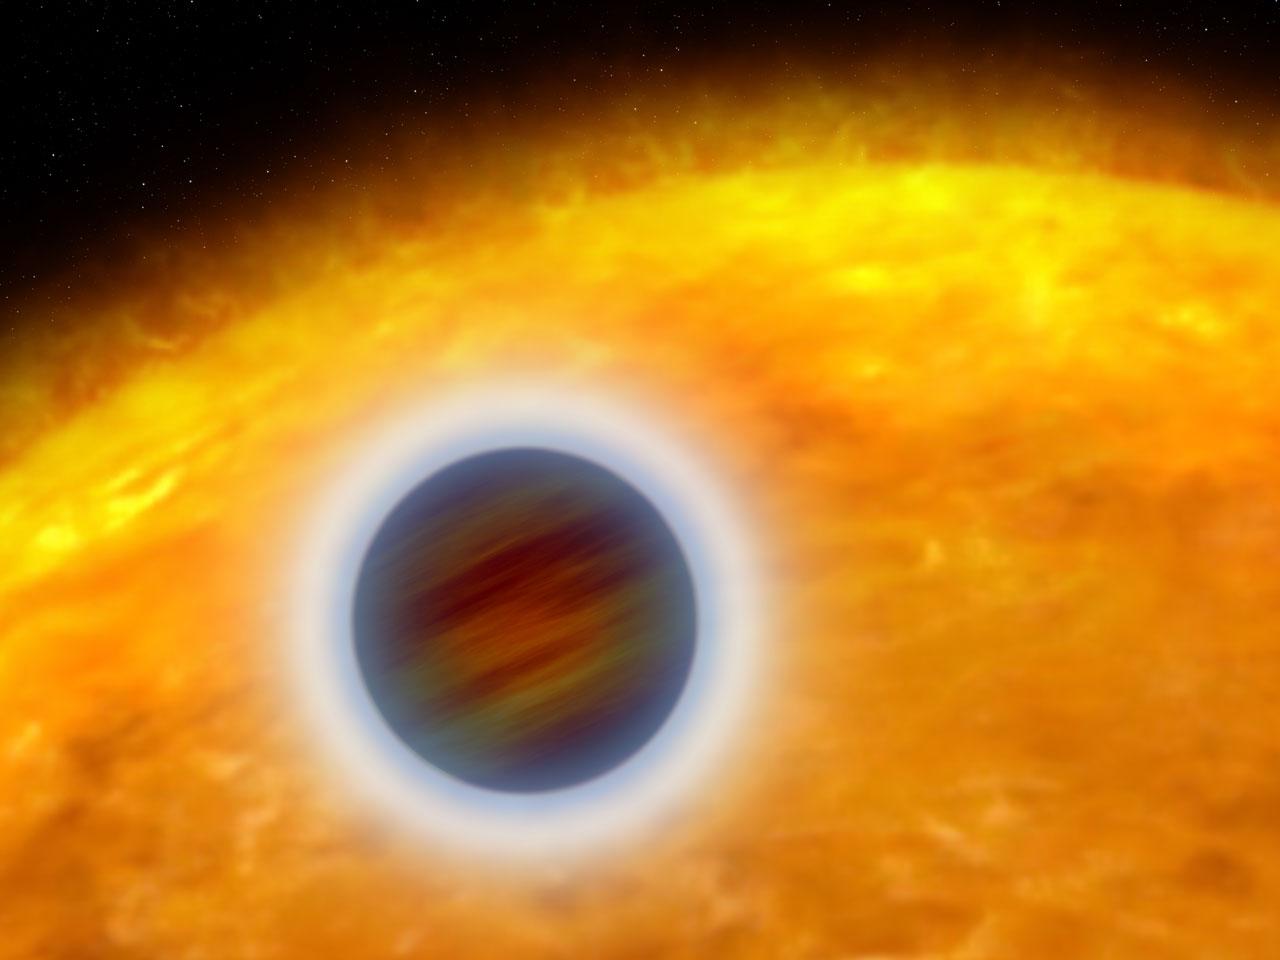 В атмосферах раскалённых экзопланет не обнаружилось диоксида титана.  Астрономия.